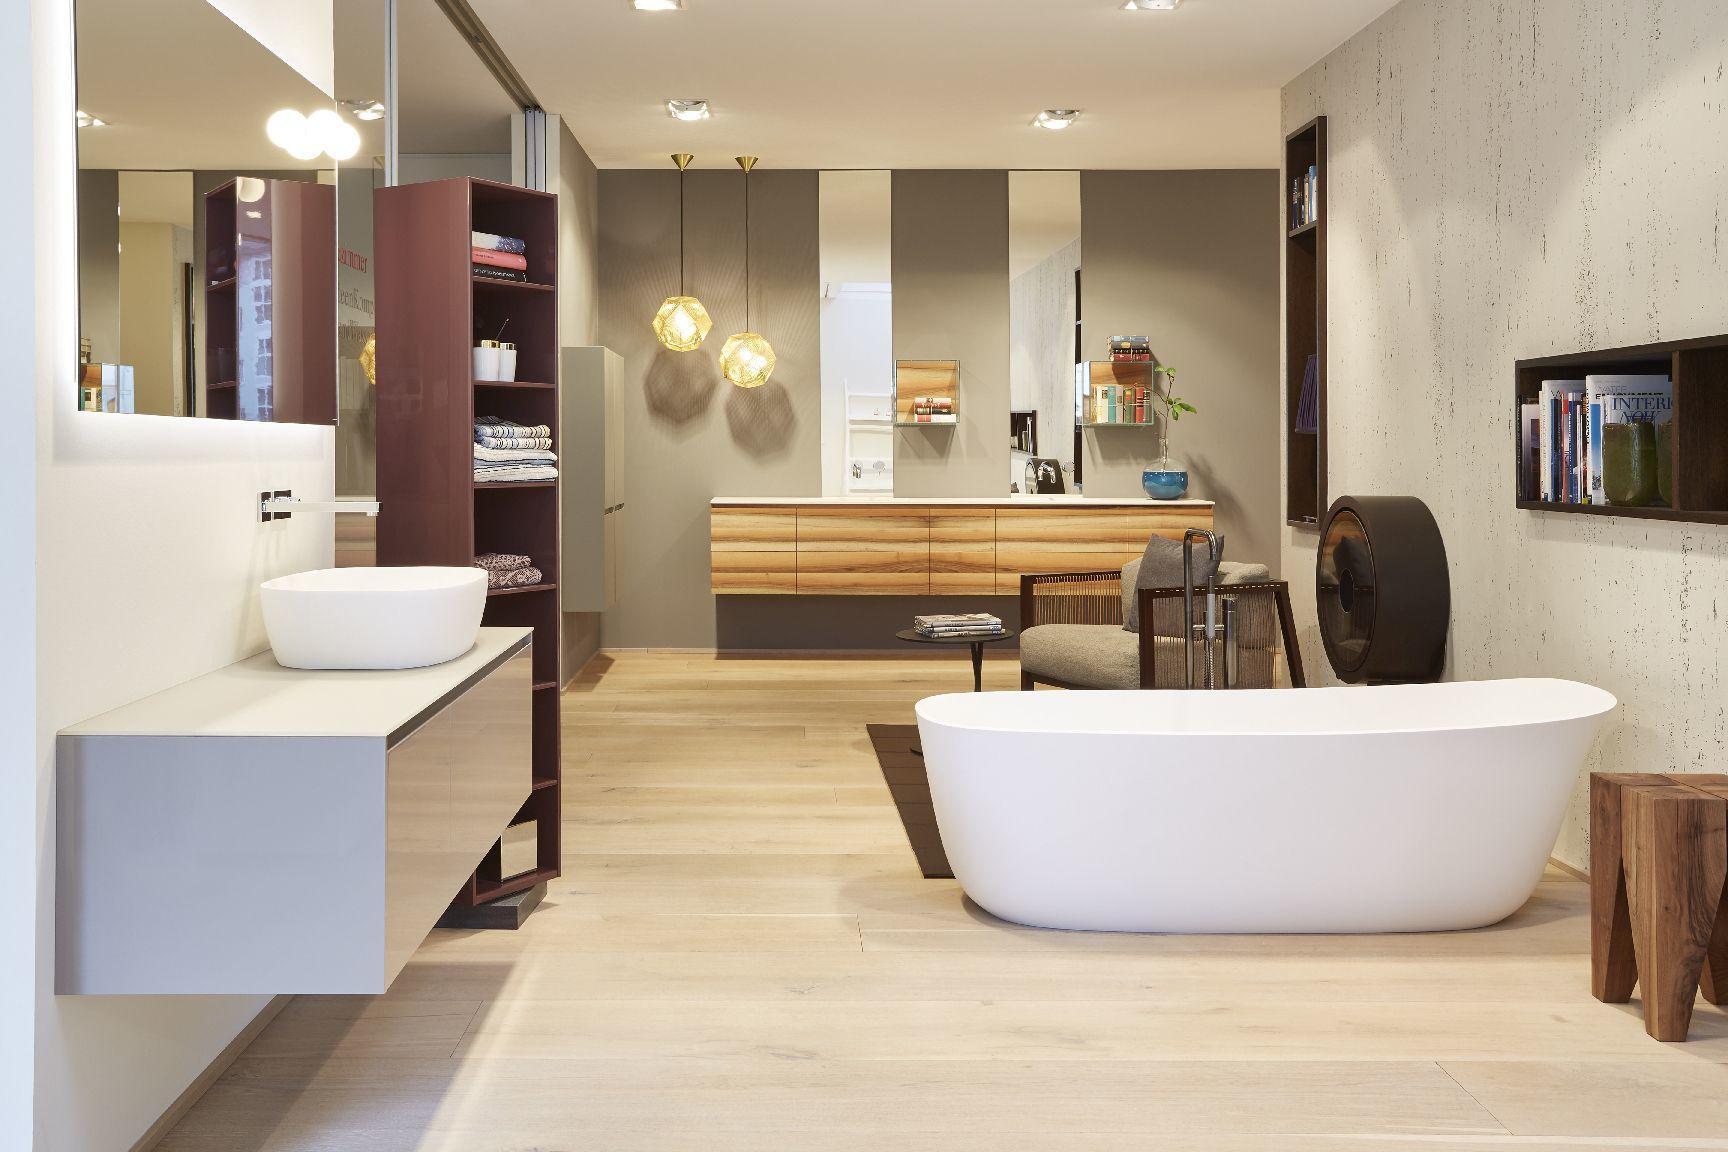 ausstellung | frick badezimmer | ulm | badrenovierung